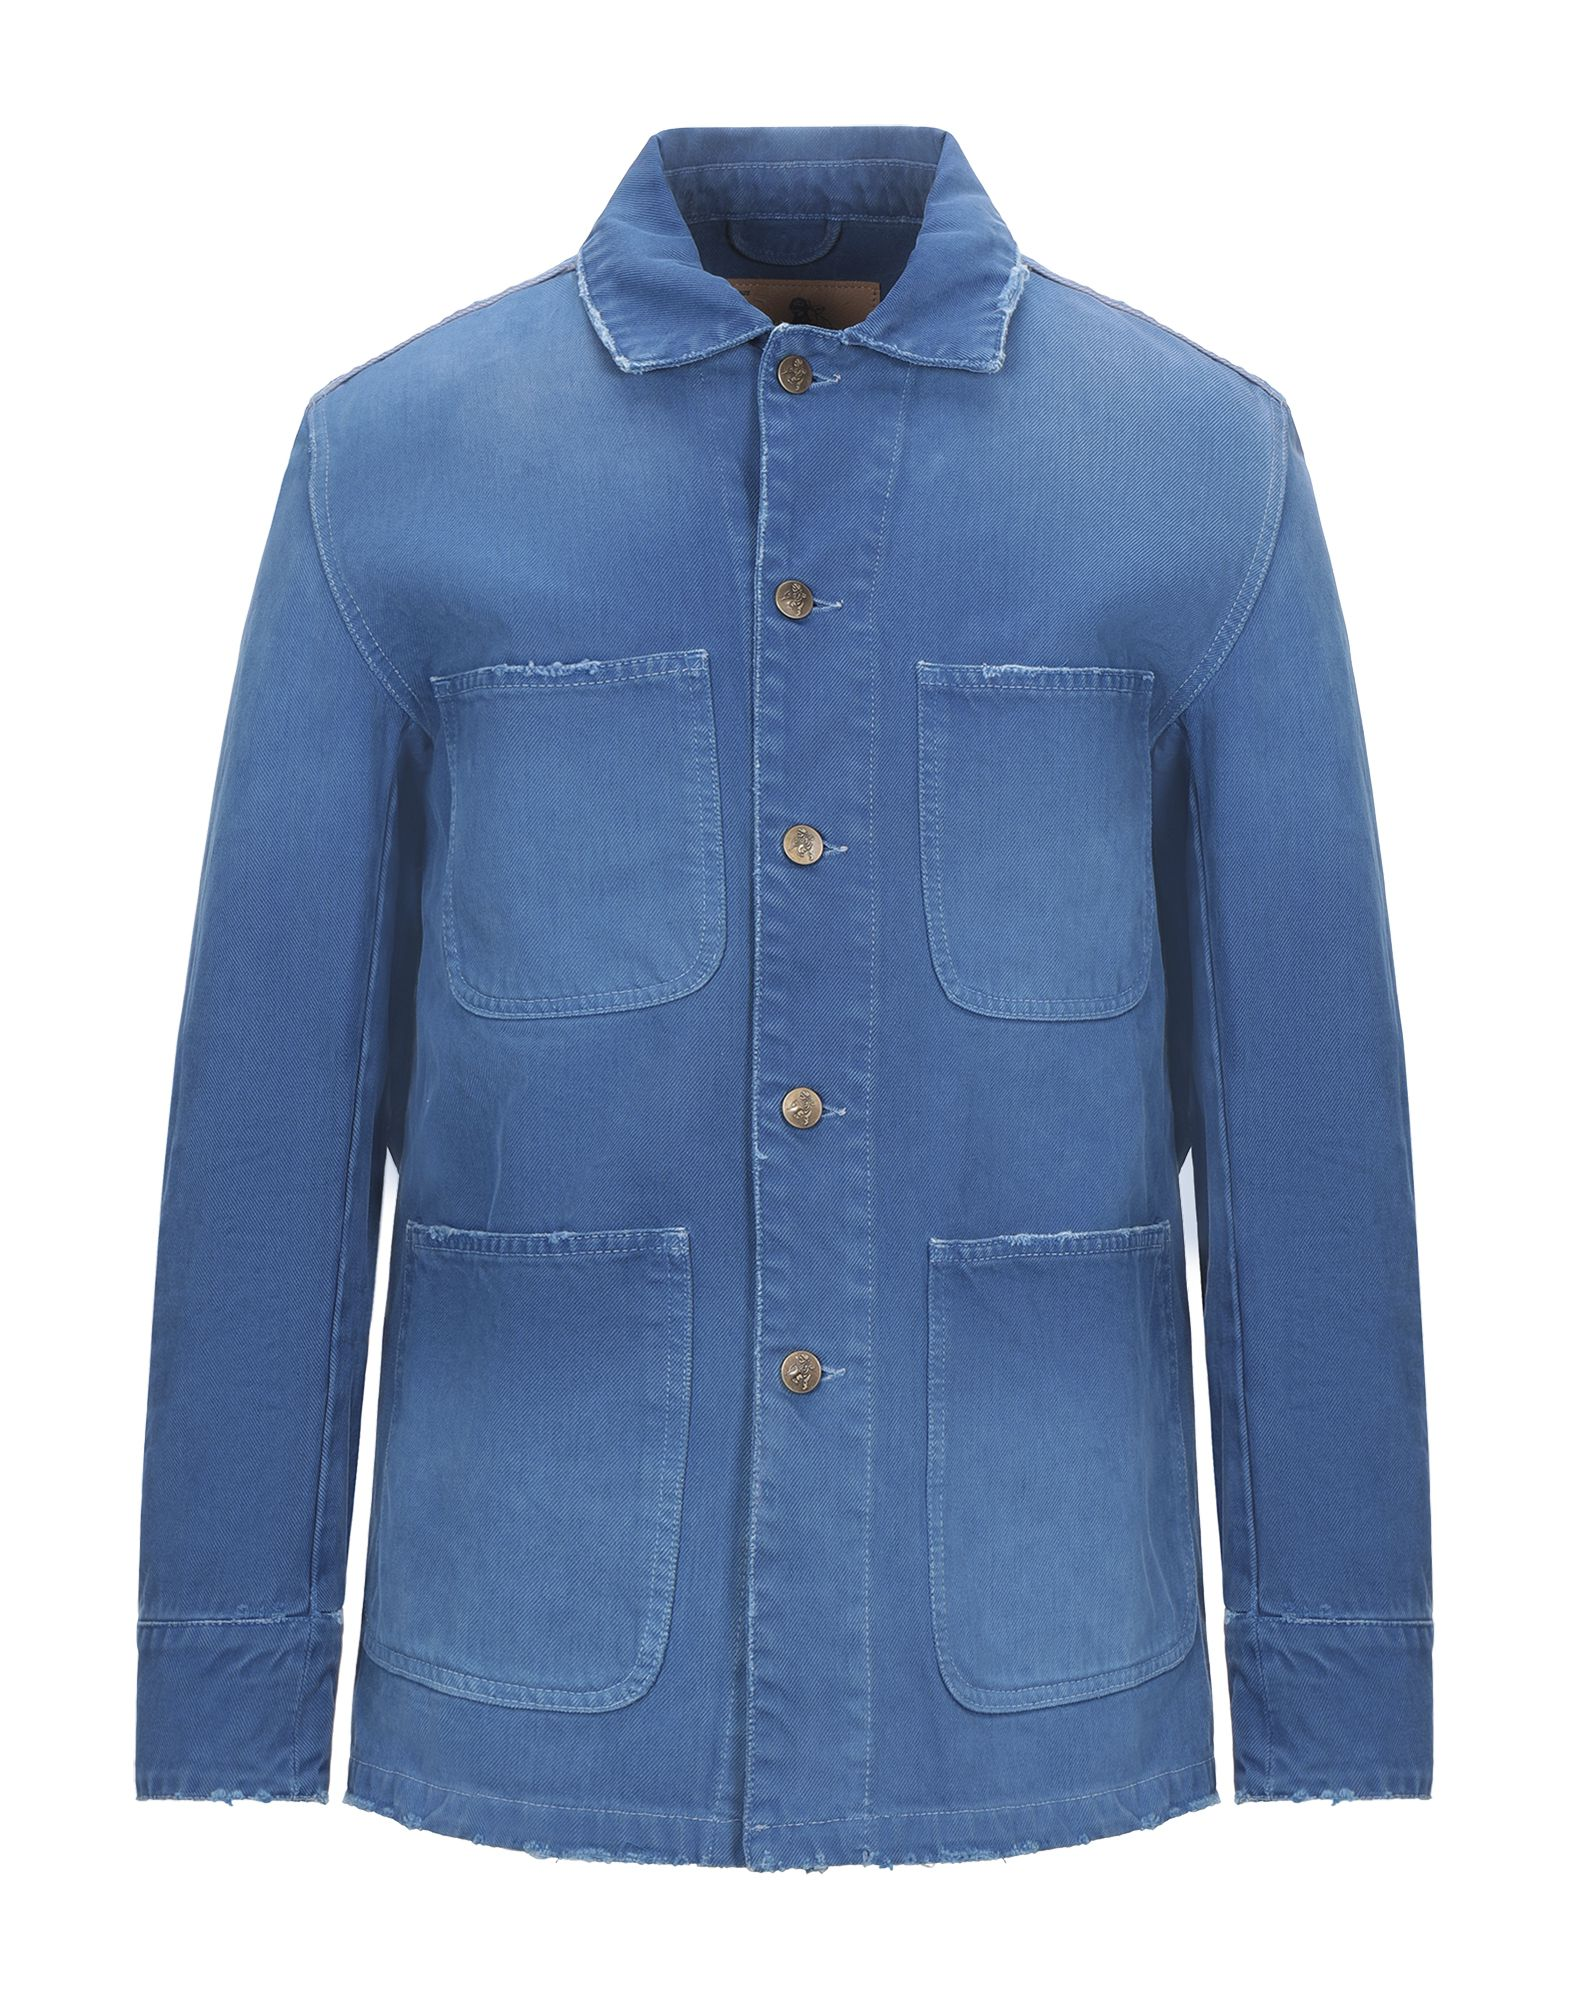 PRPS Джинсовая верхняя одежда family first milano джинсовая верхняя одежда